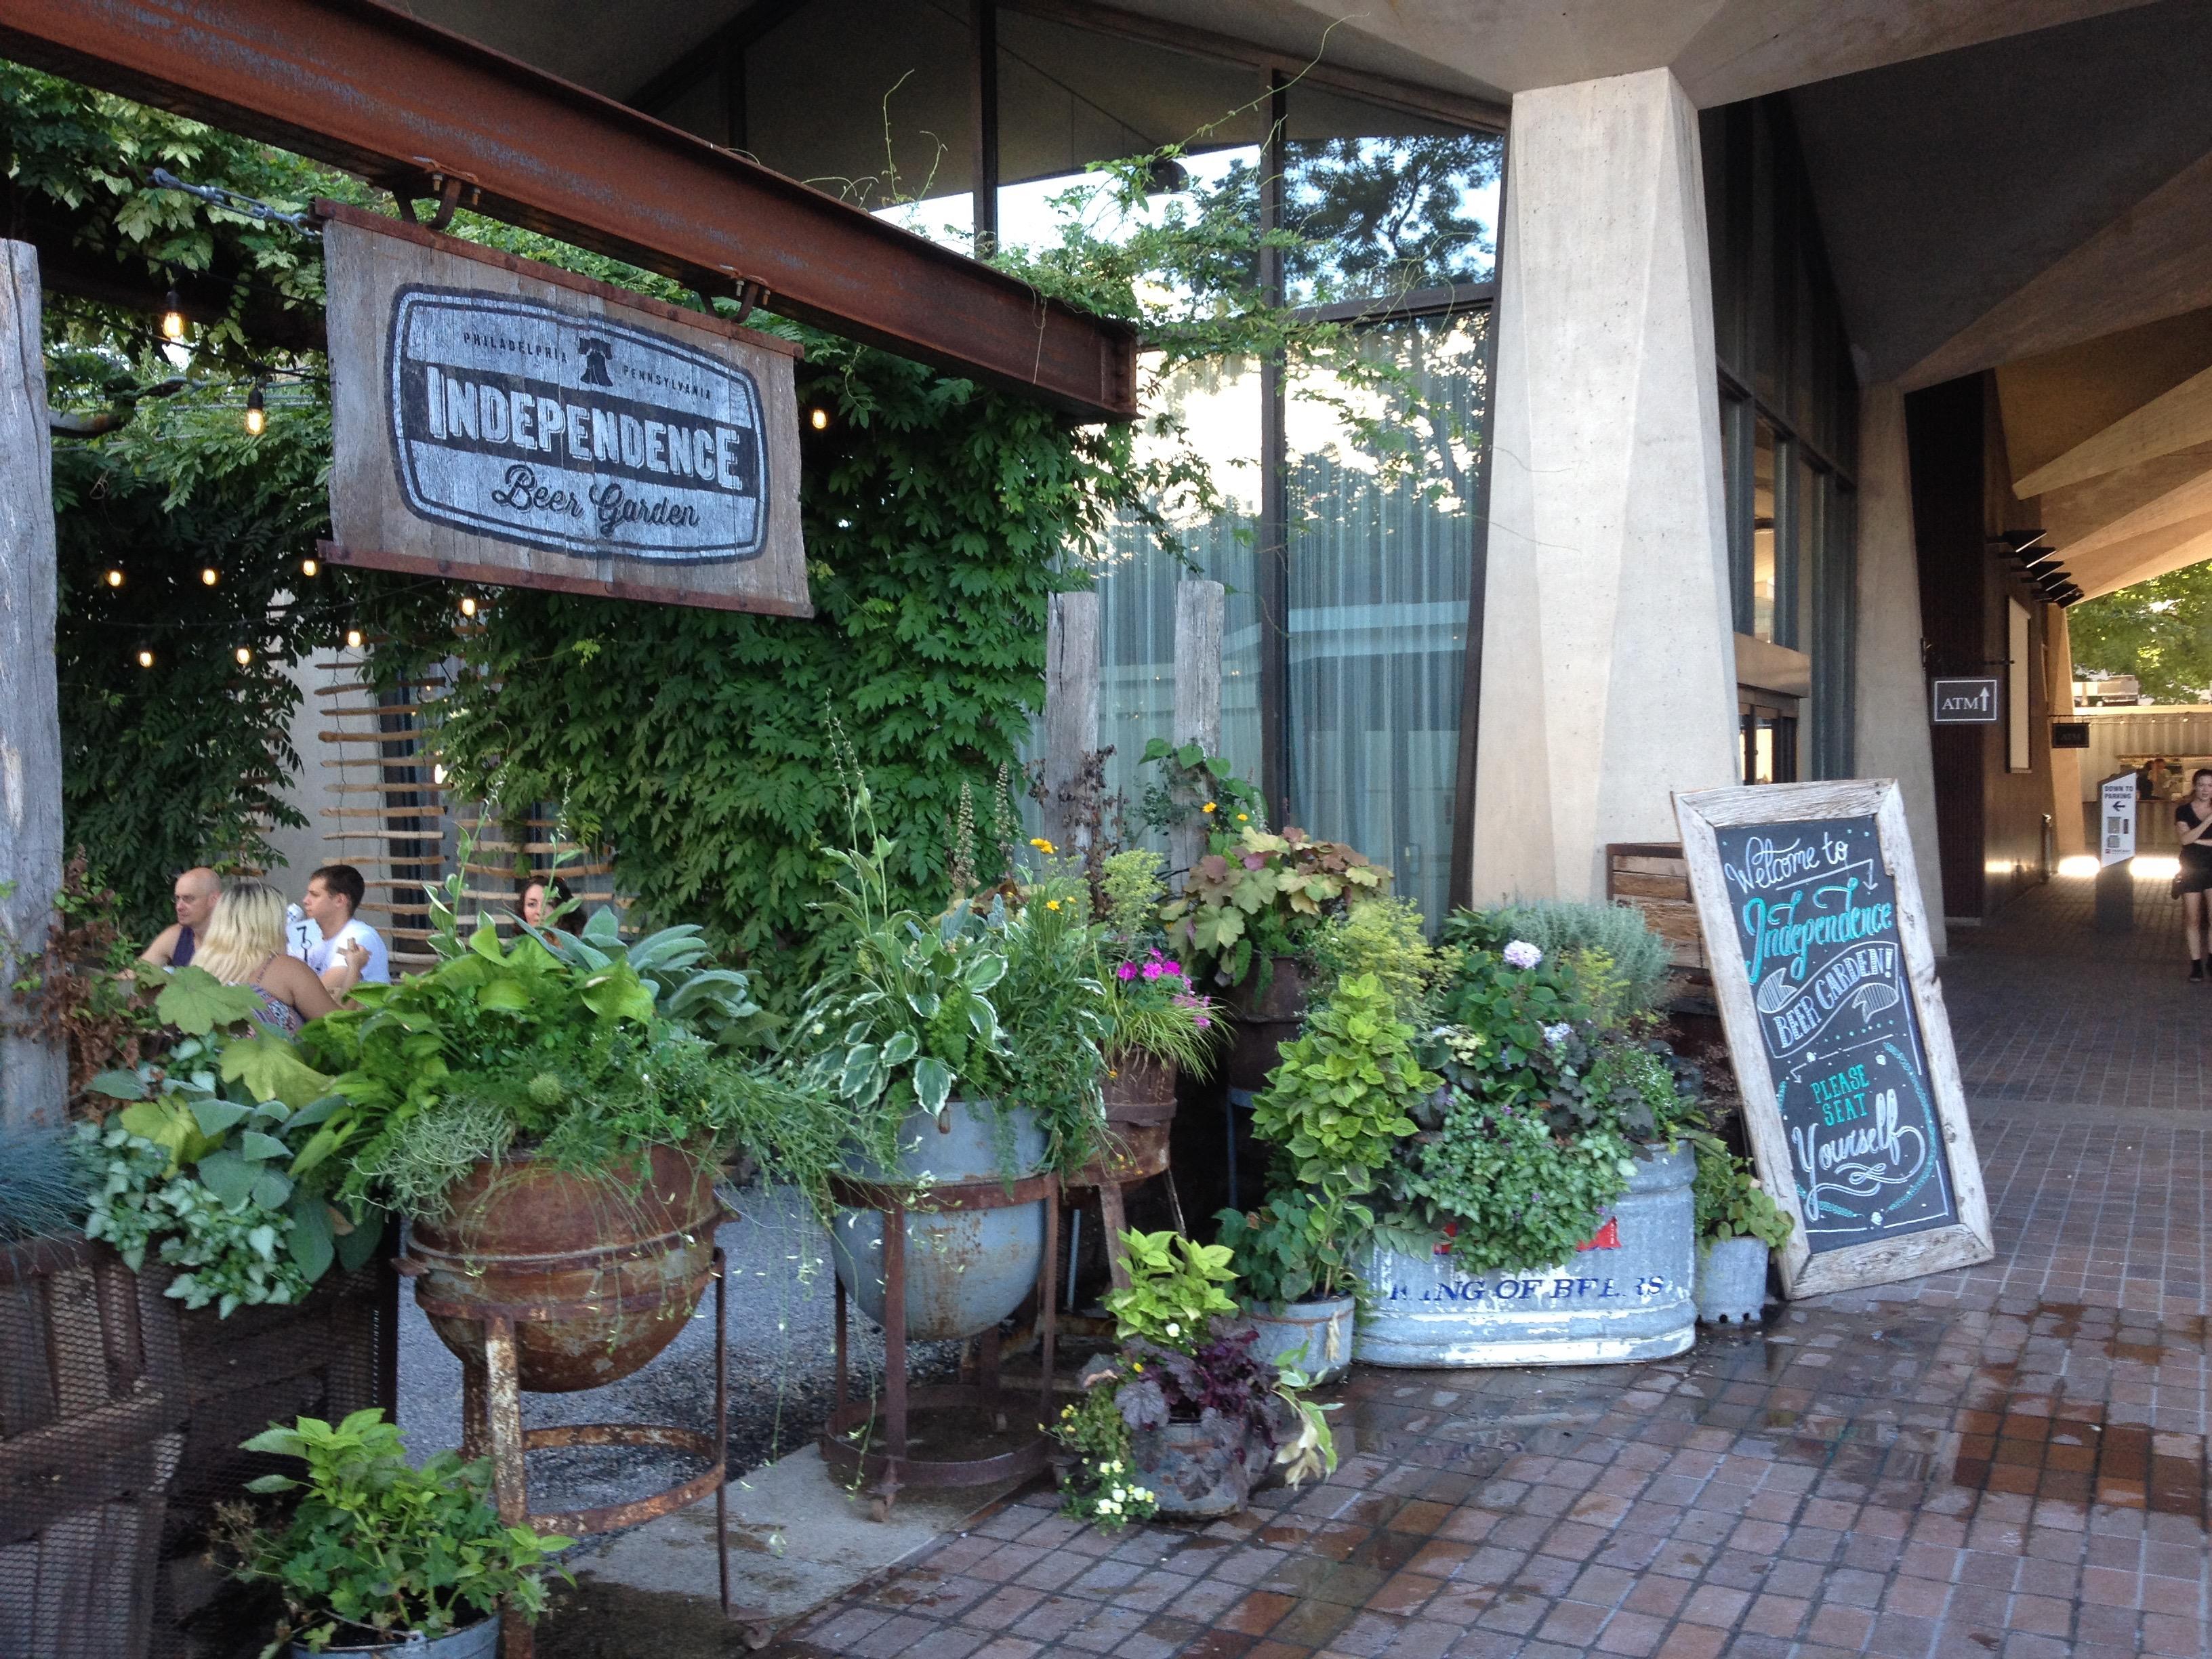 The Independance Beer Garden @ Philadelphia